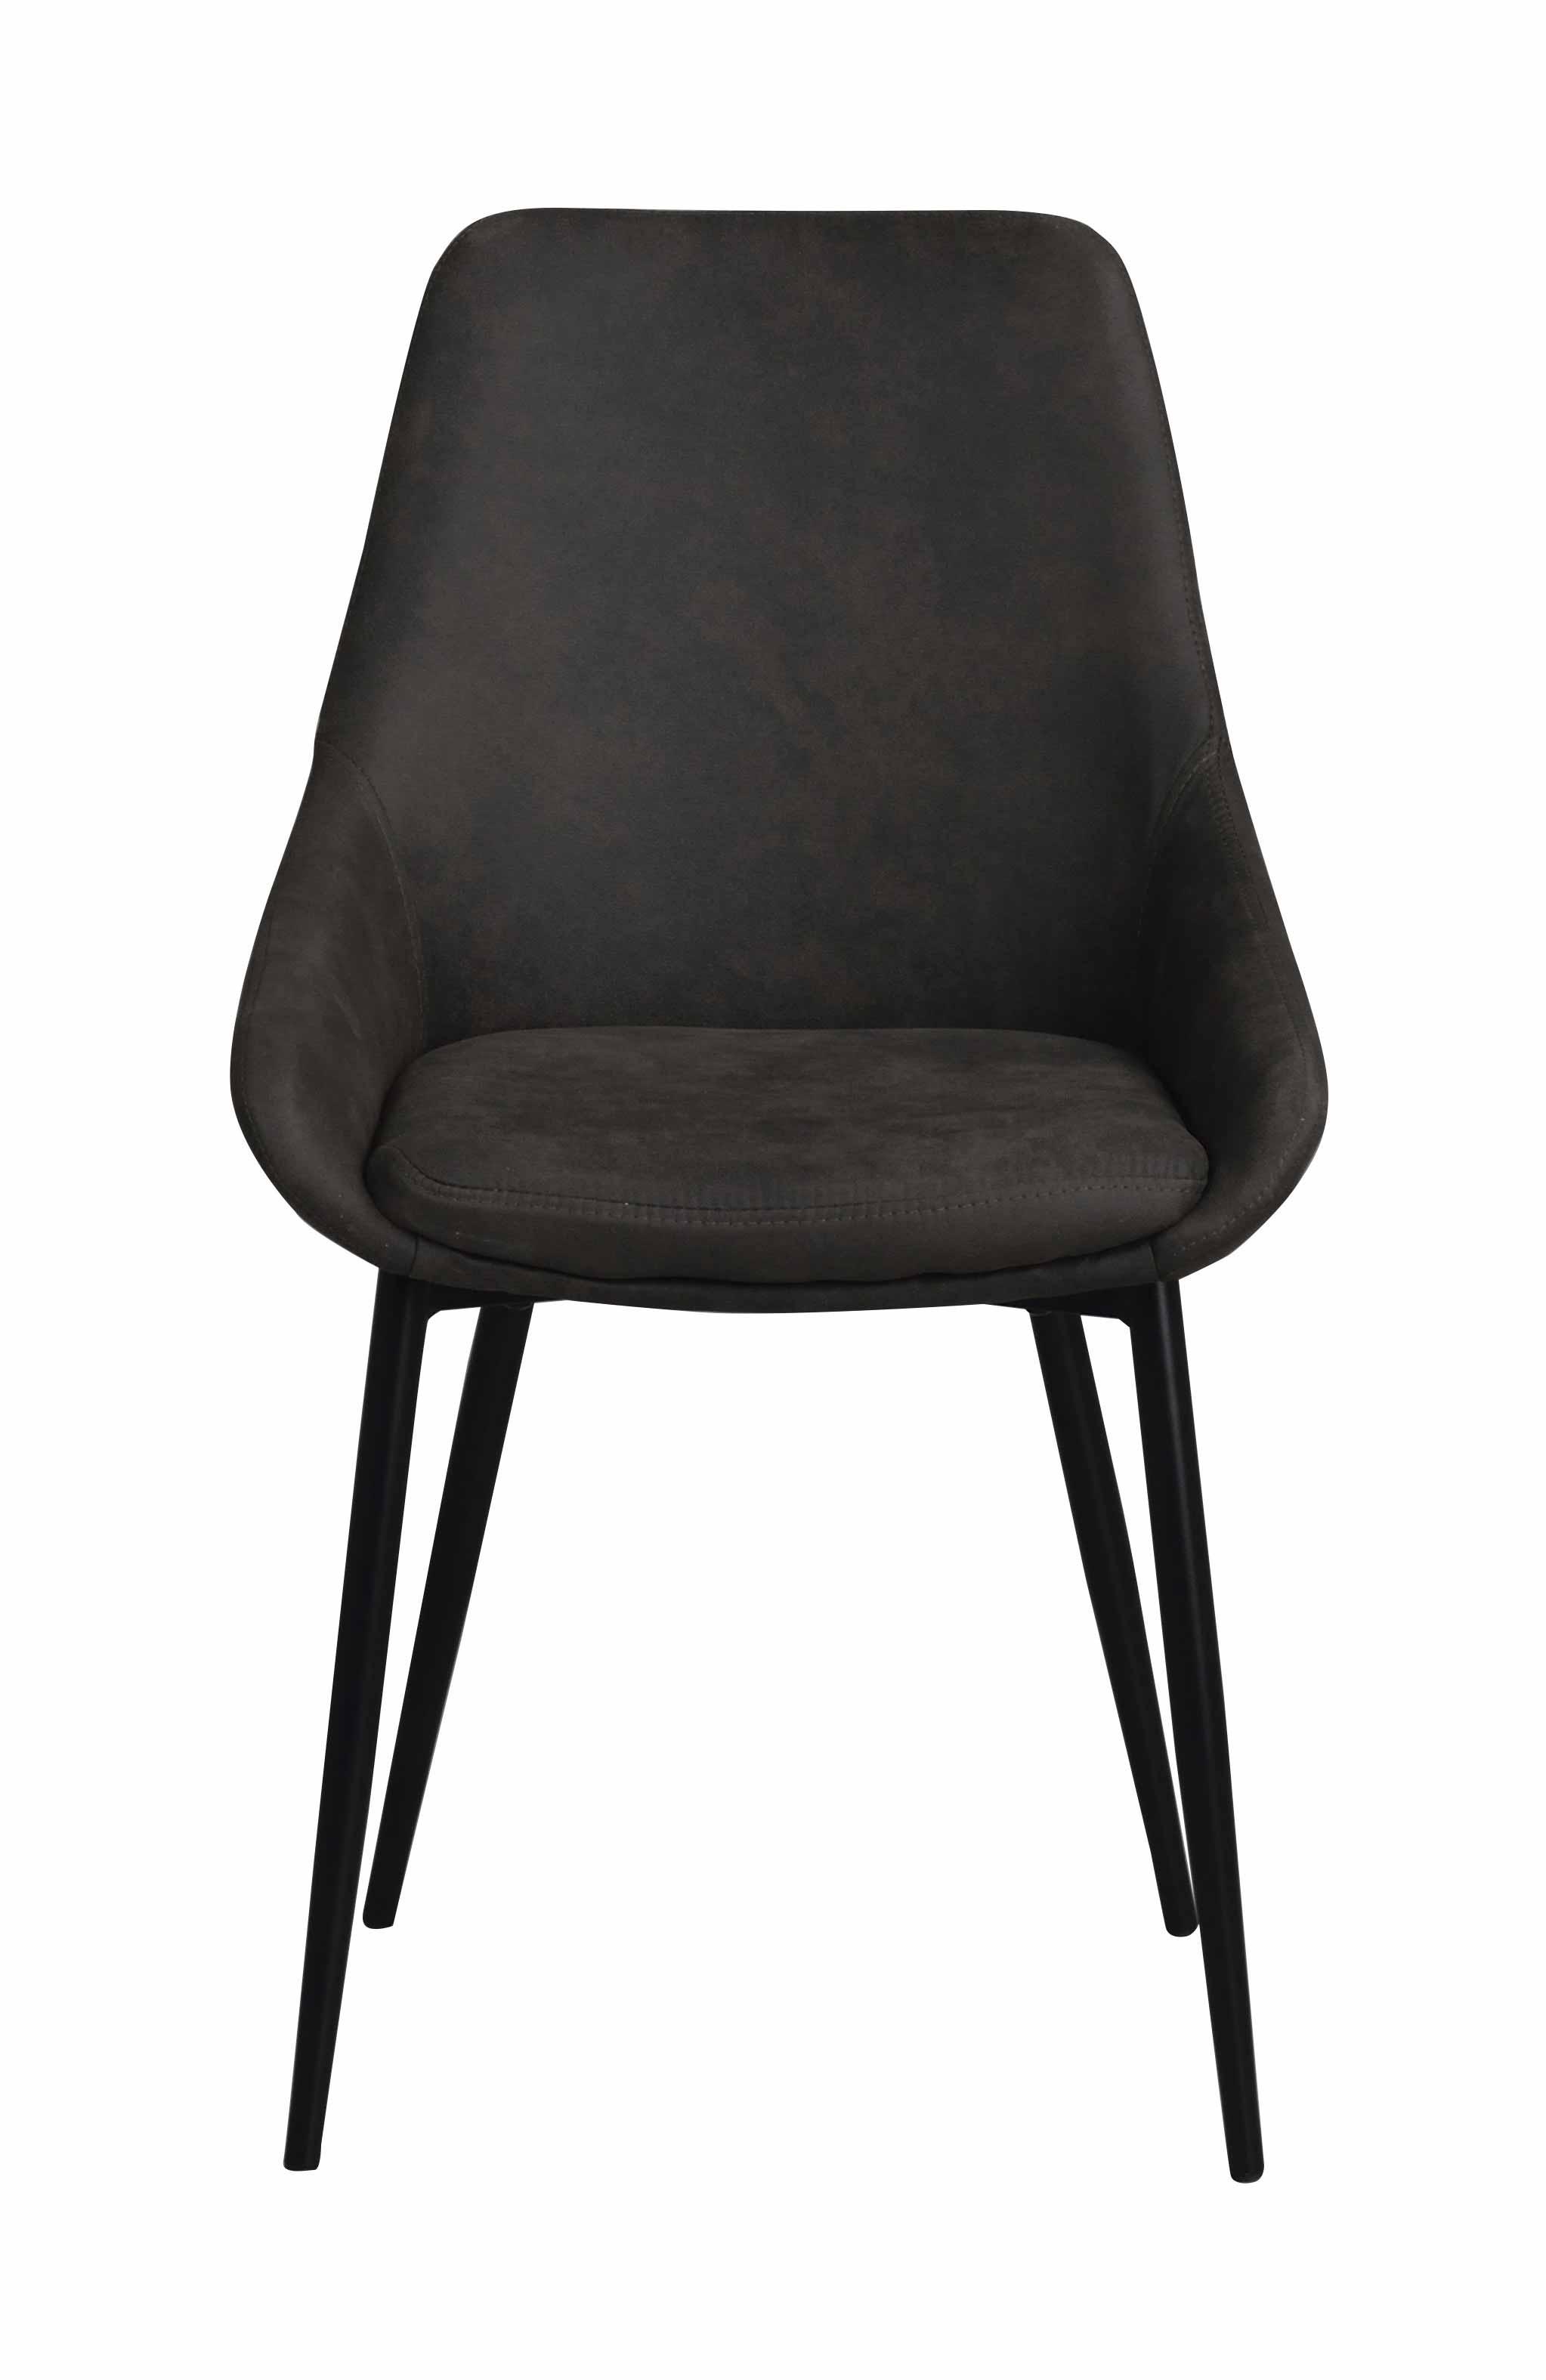 Sierra spisebordsstol - Mørkegråt stof, m. metal stel